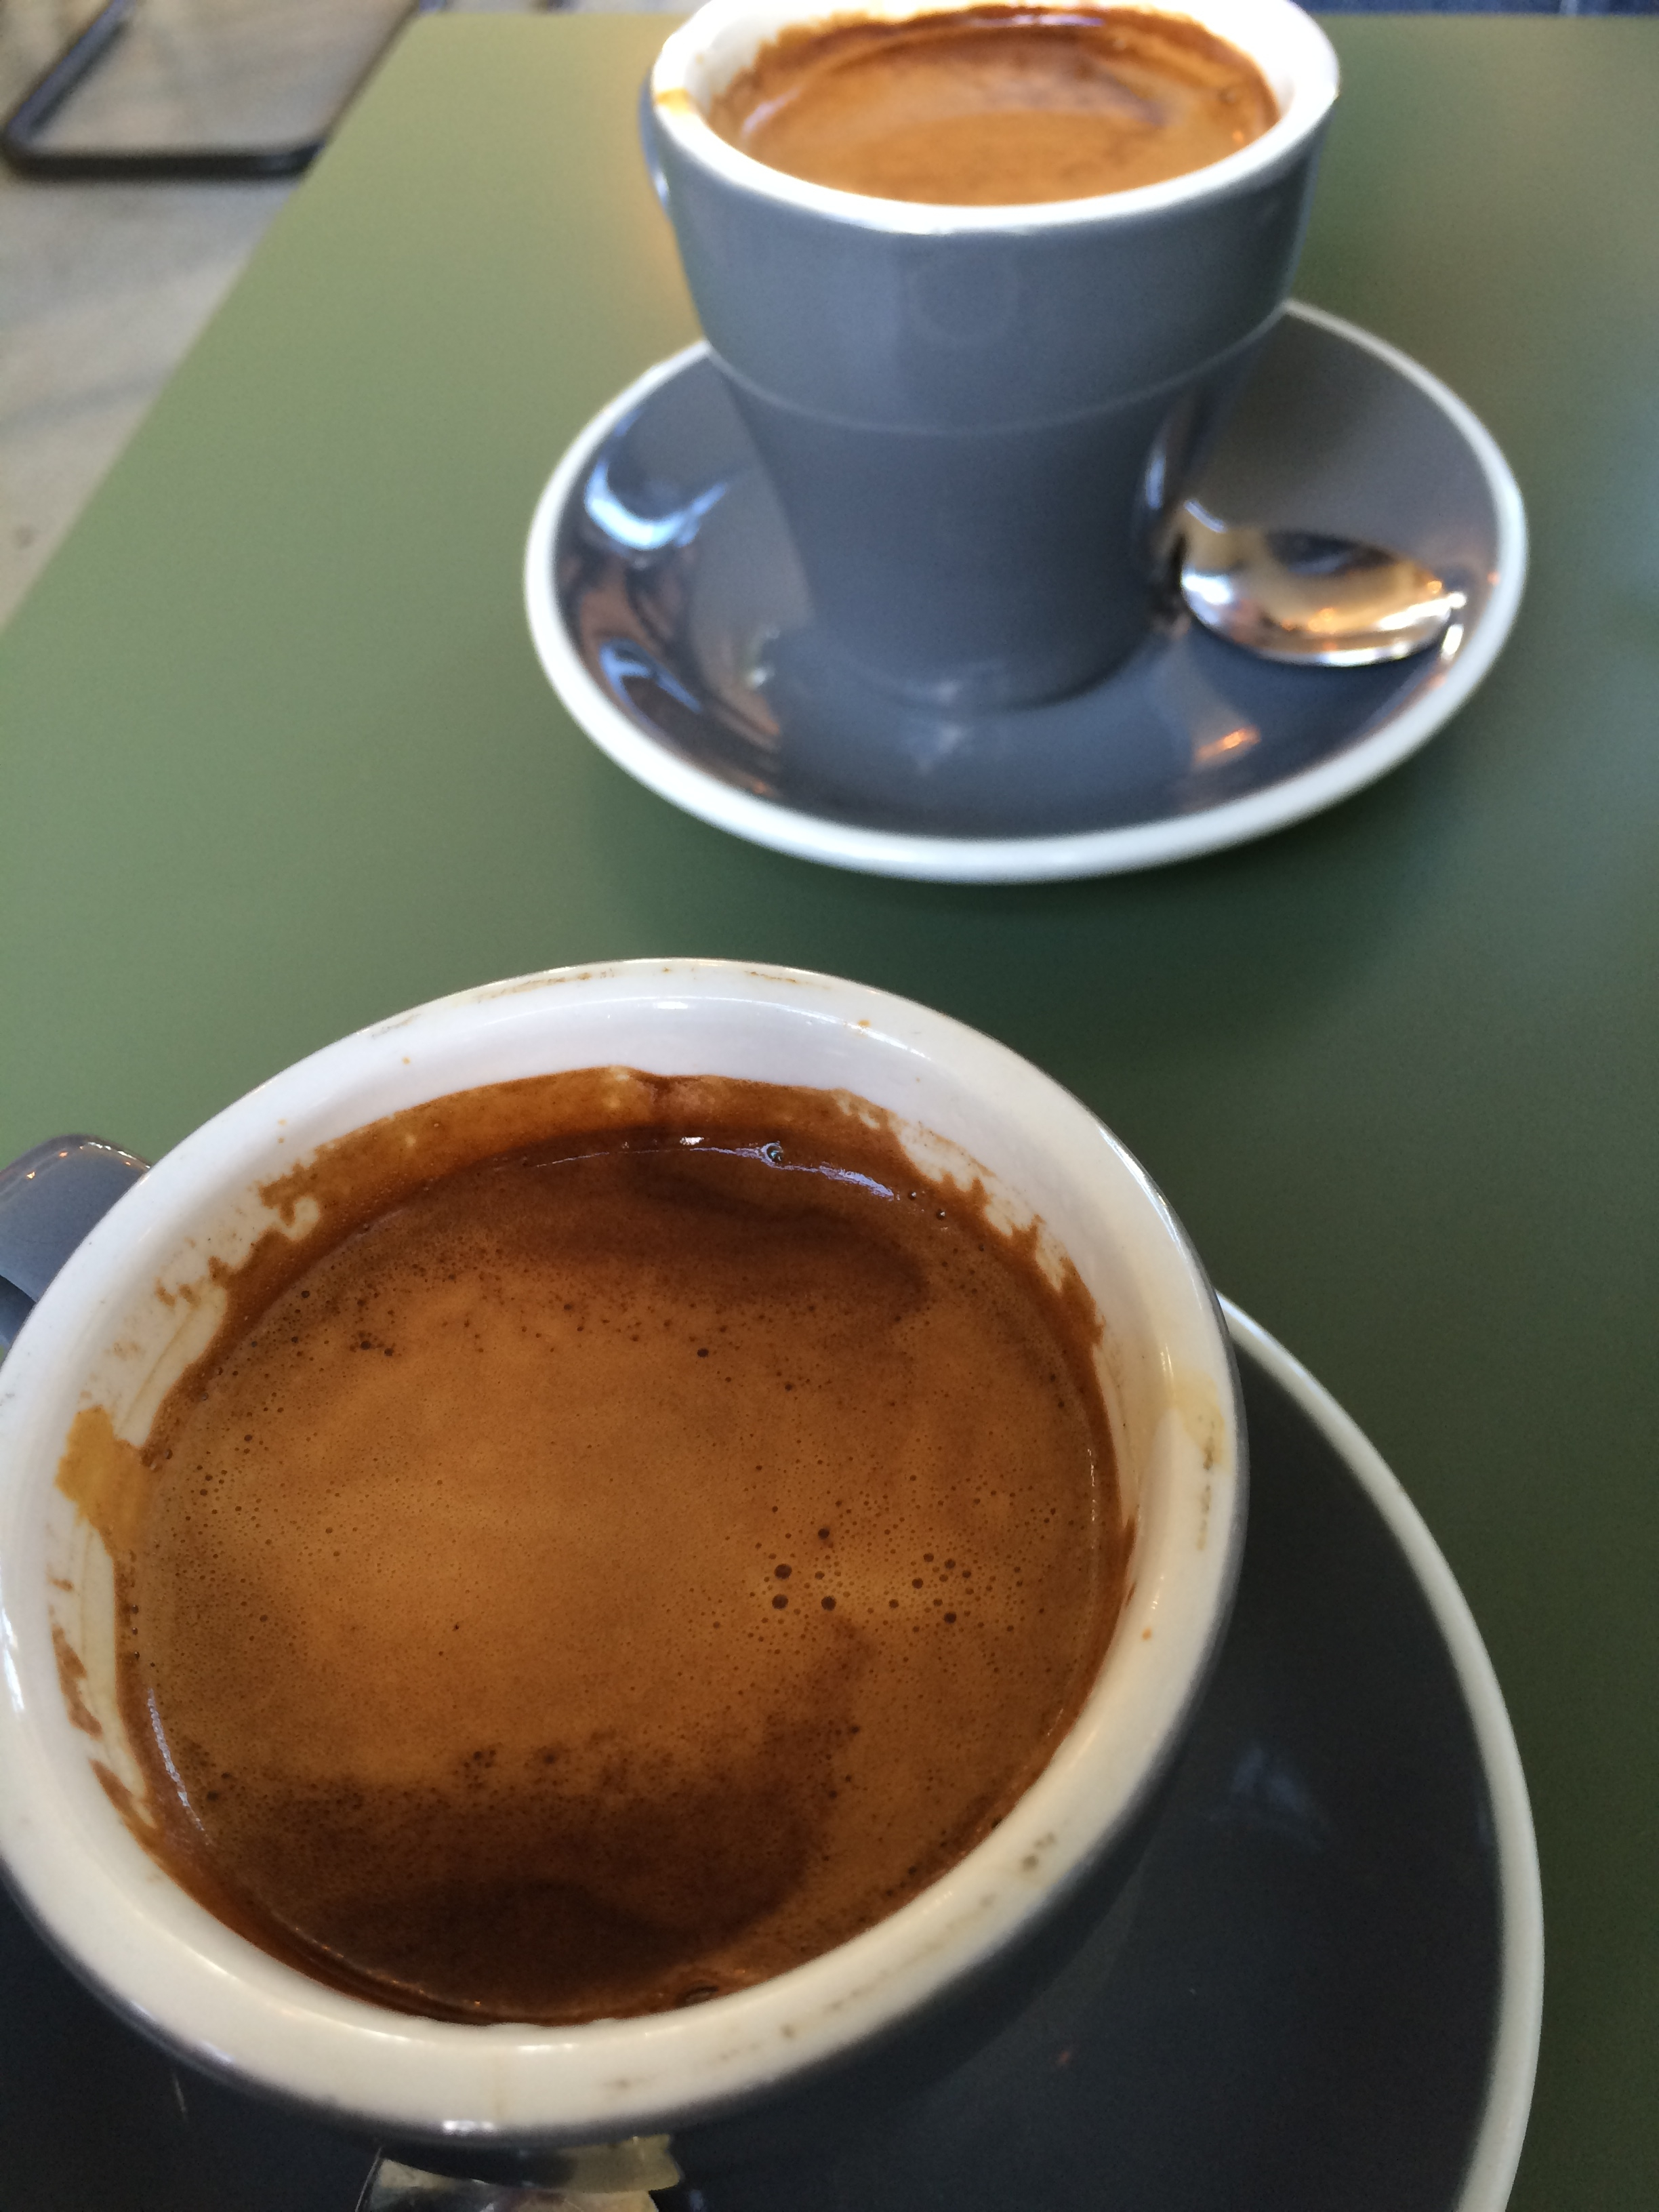 Coffee at Bespoke Kitchen in Queenstown